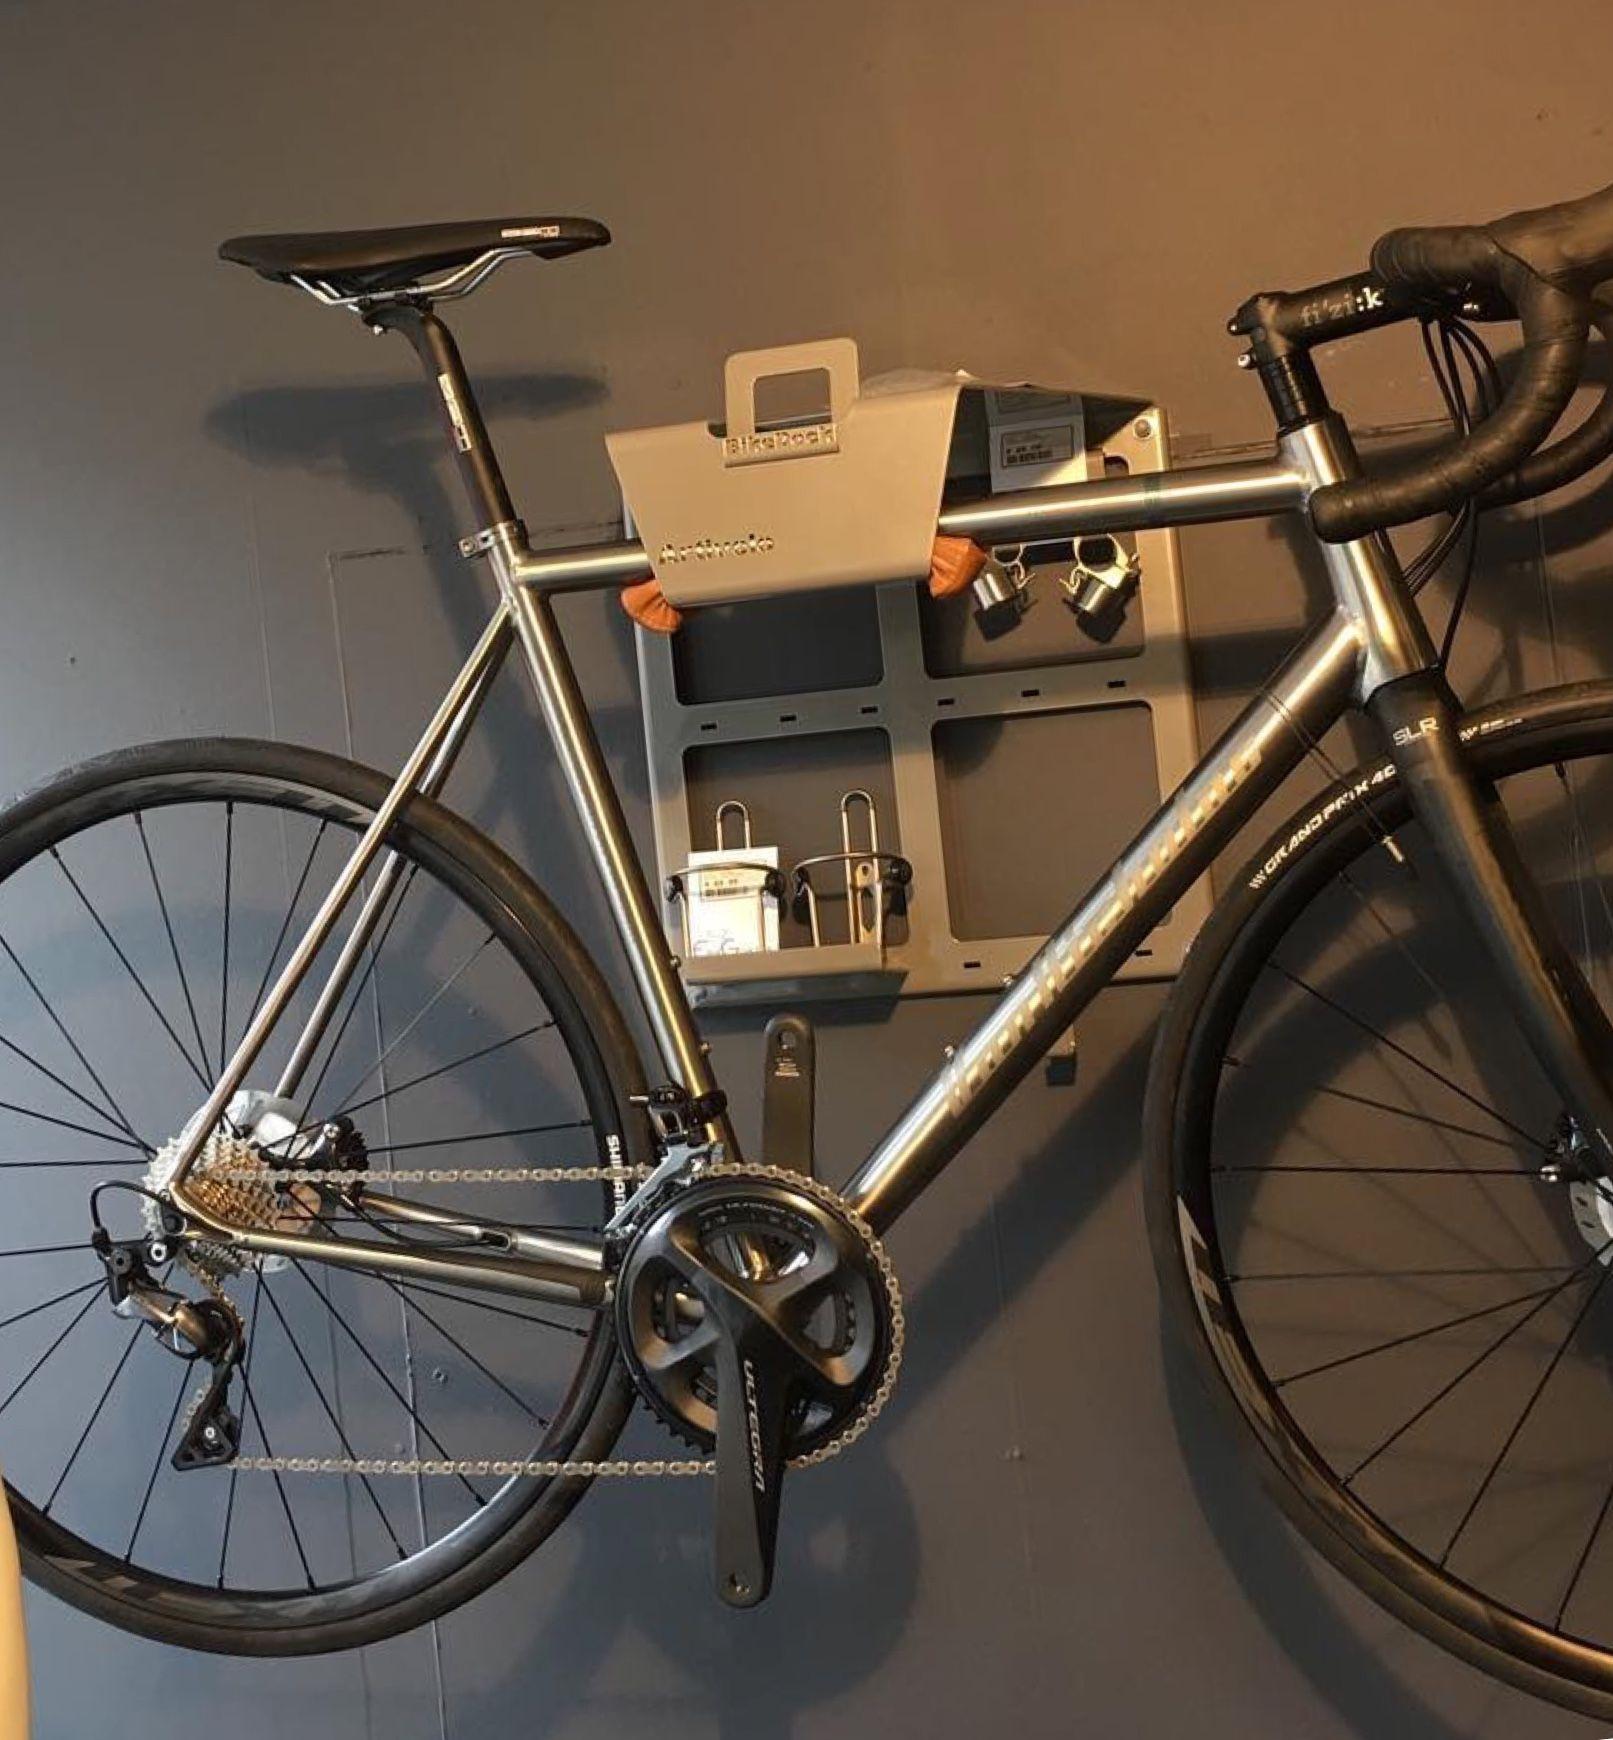 Top Je fiets en fietsspullen ophangen aan de muur op één vaste plaats NK38